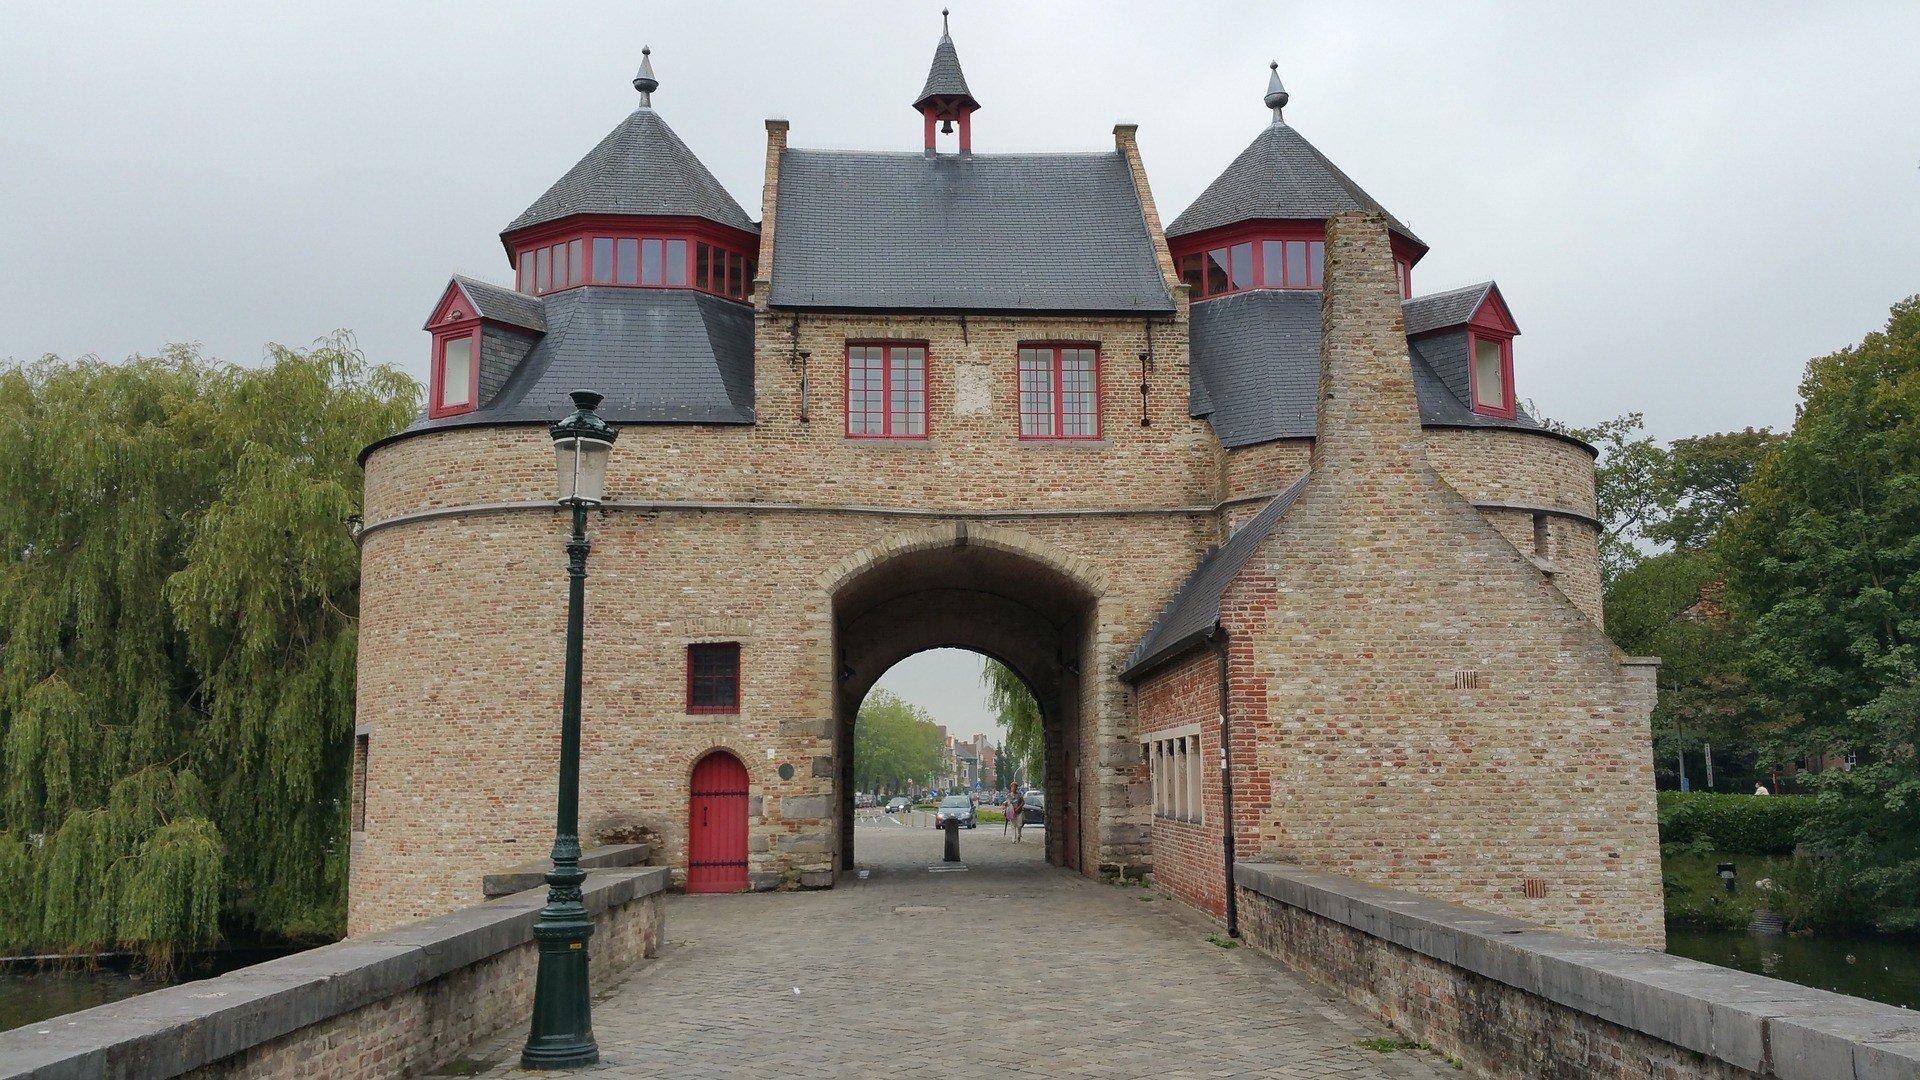 Ezelstraat Quarter, Bruges